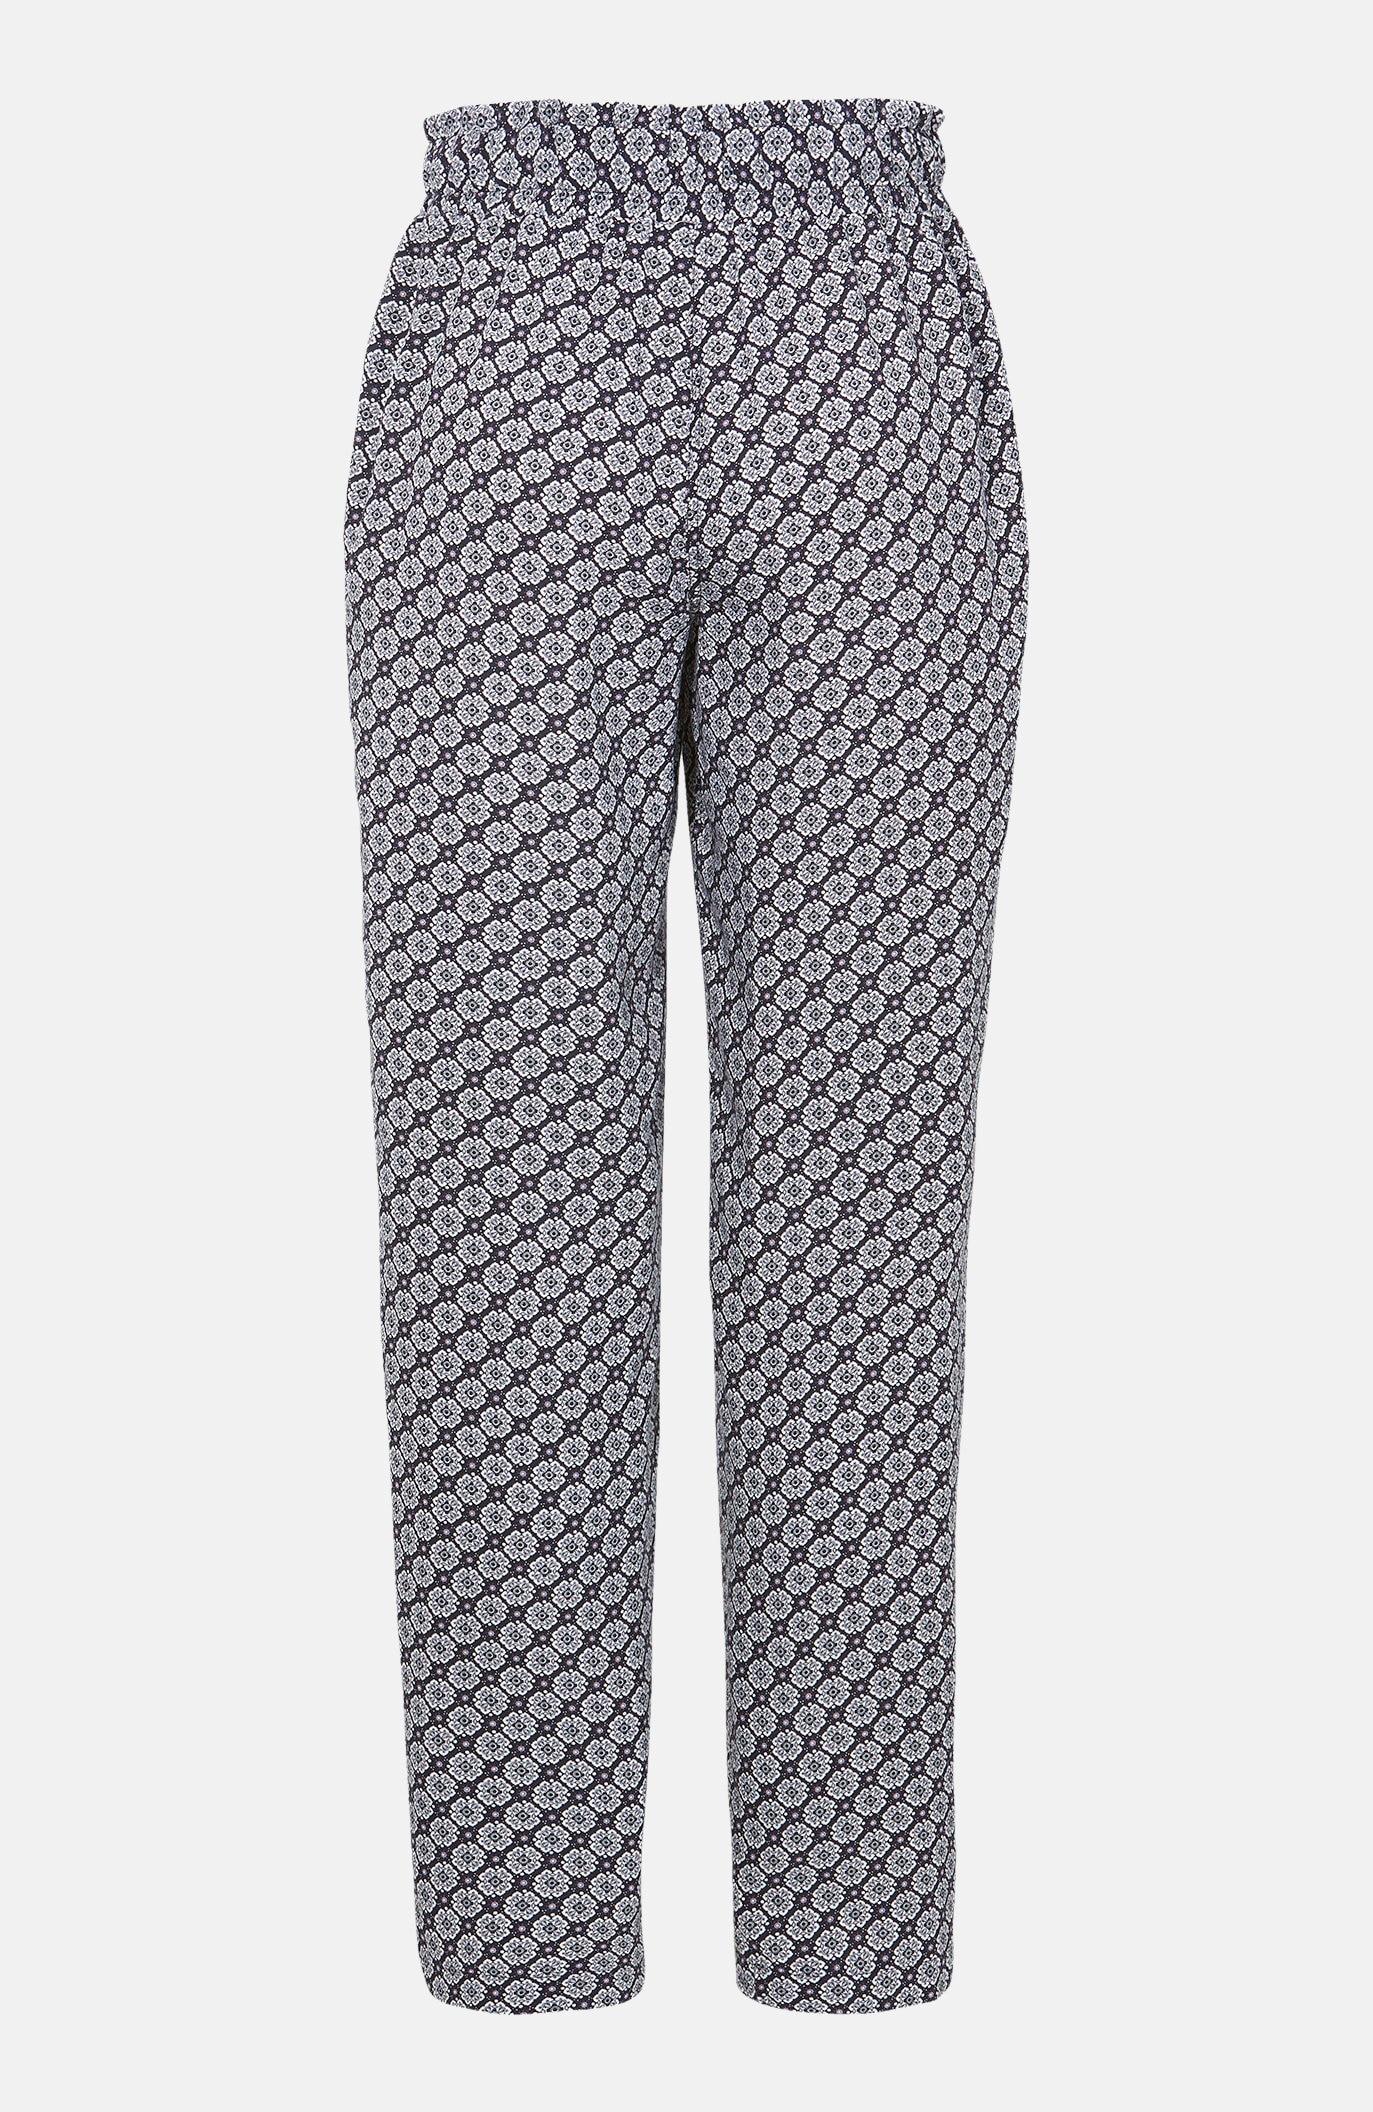 Ledig, mønstret bukse